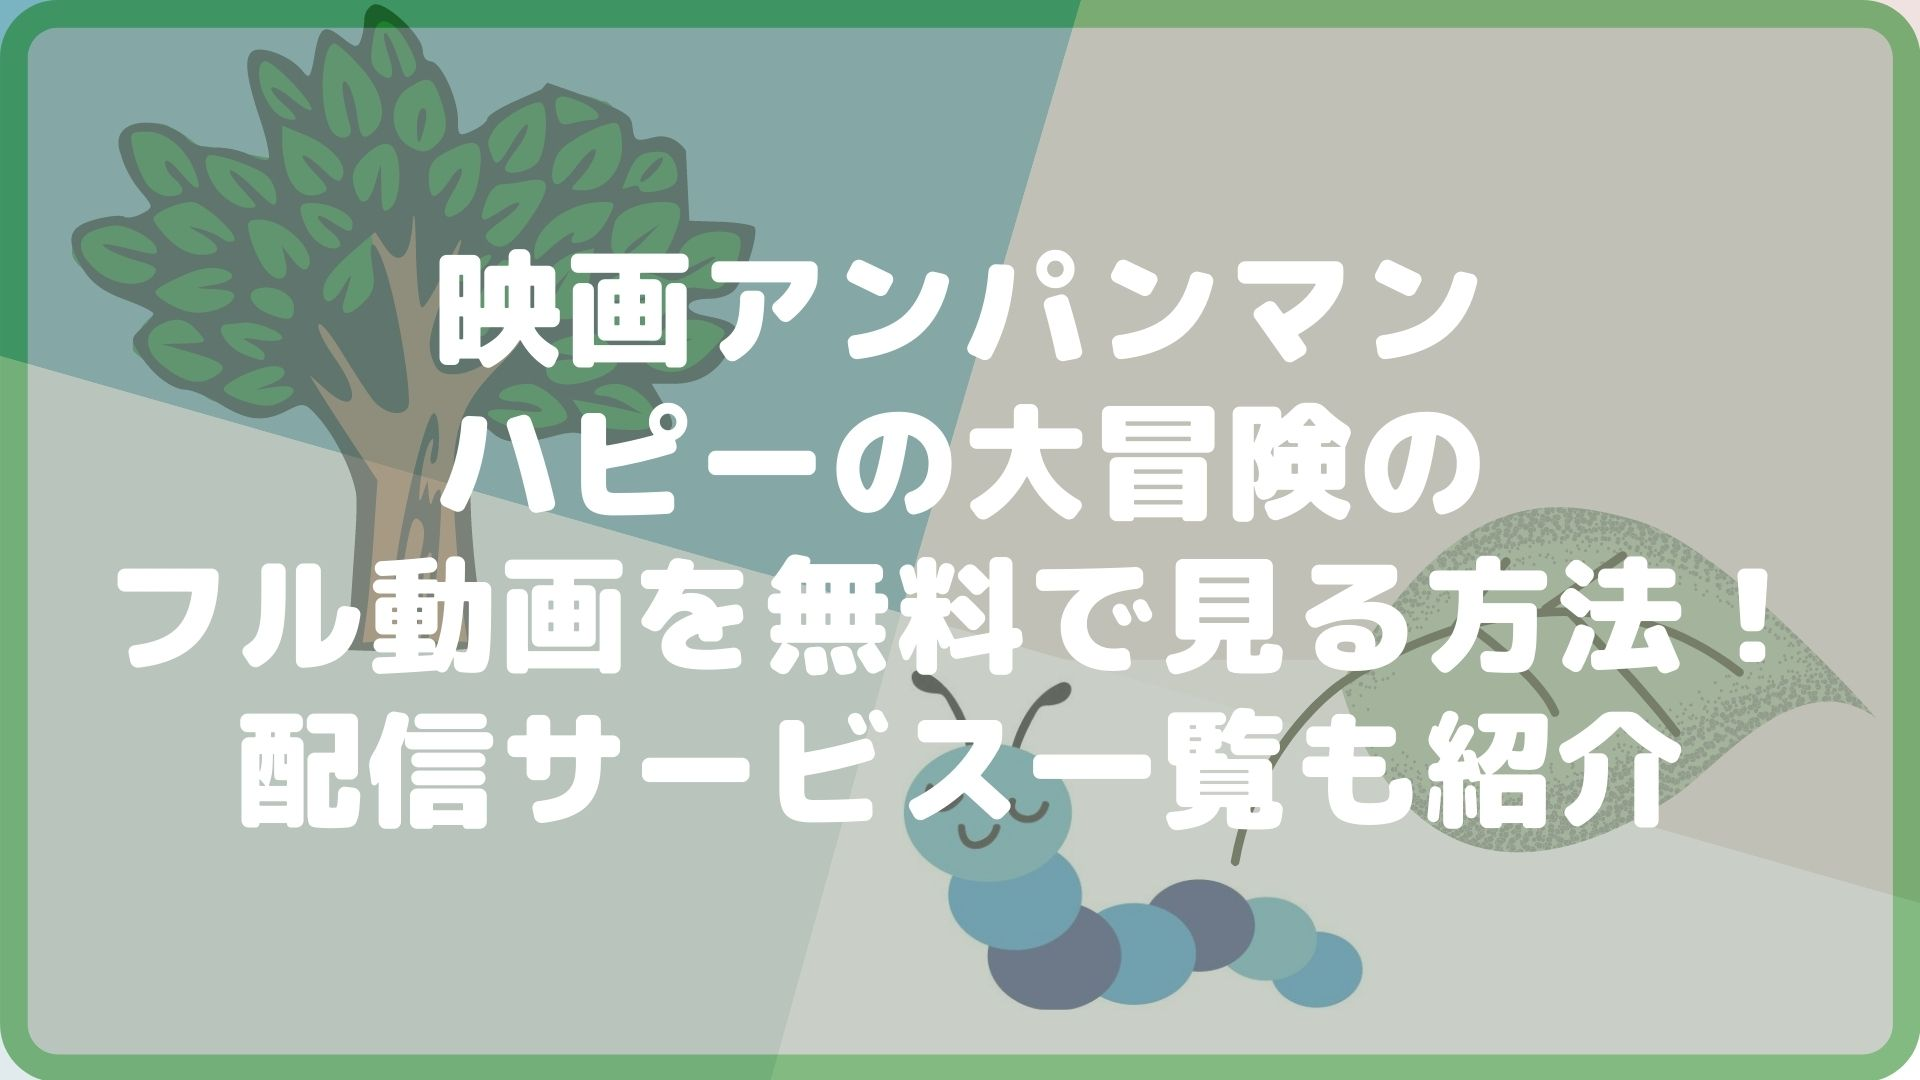 映画アンパンマン ハピーの大冒険の フル動画を無料で見る方法! 配信サービス一覧も紹介タイトル画像